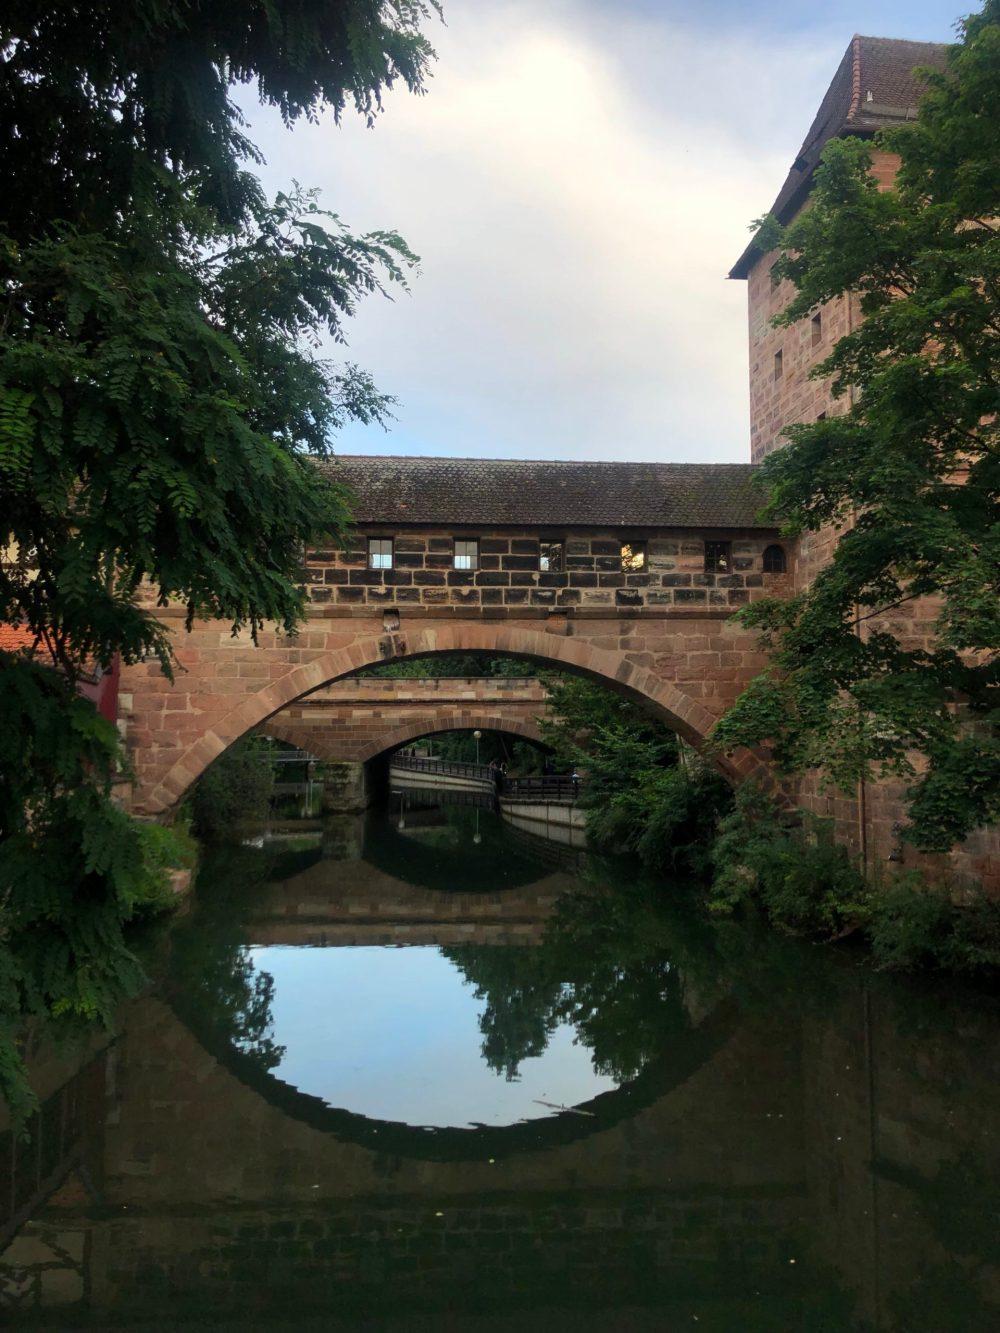 Zwei Brücken spiegeln sich zu zwei Kreisen in der Pegnitz bei der Verteidigungsanlage am Stadtgraben